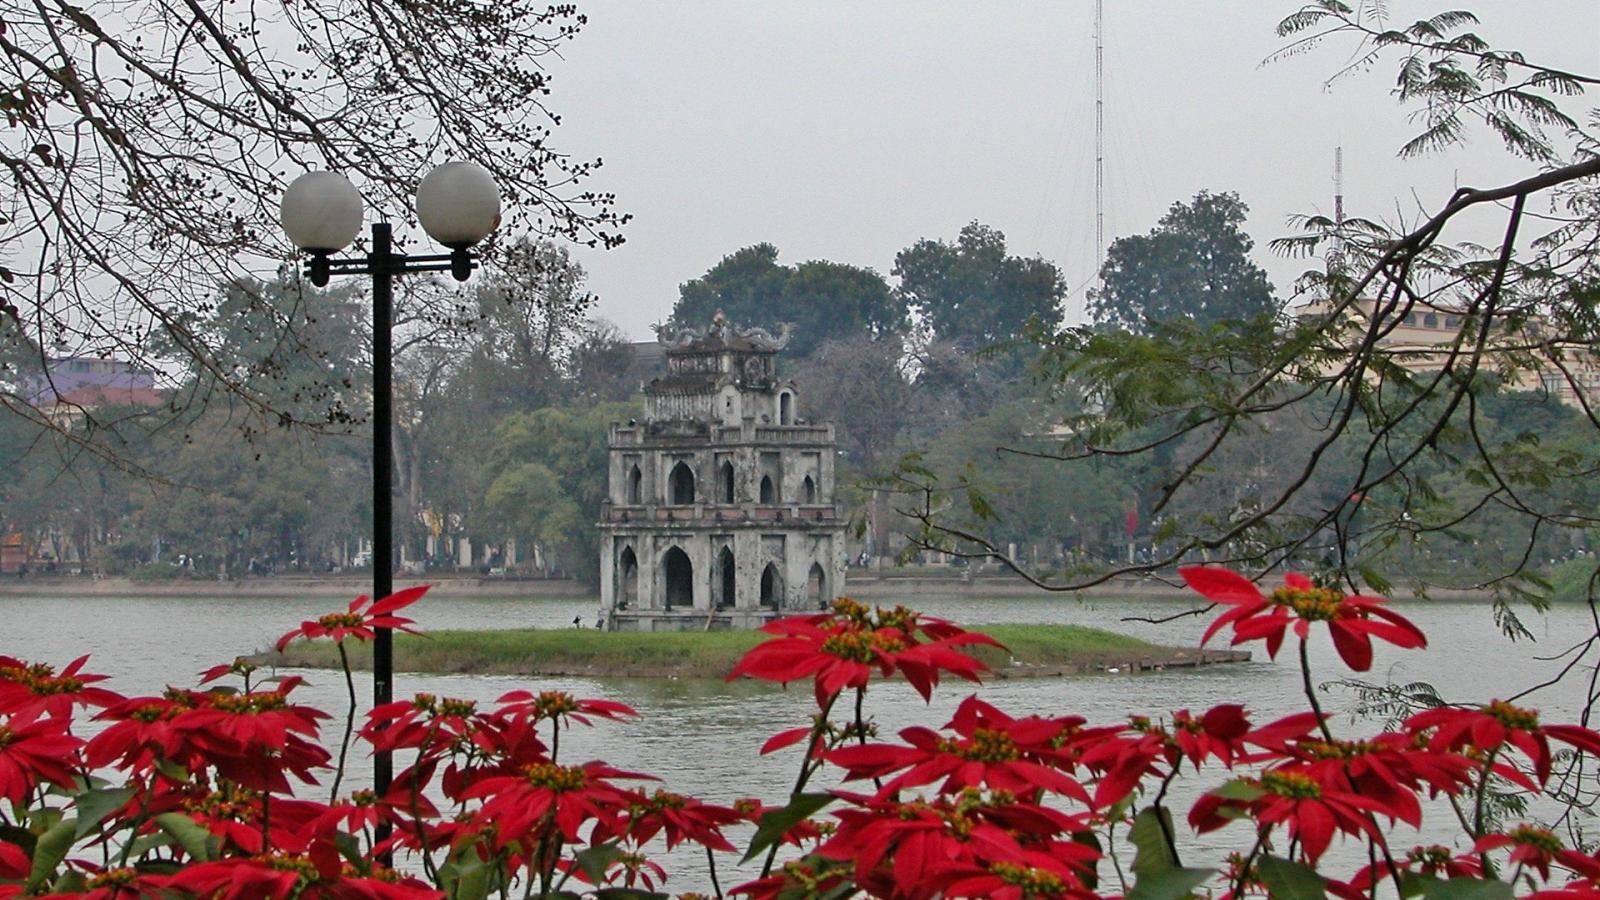 Thời tiết hôm nay: Hà Nội mưa nhỏ vào sáng sớm, Nam Bộ nắng nóng kéo dài